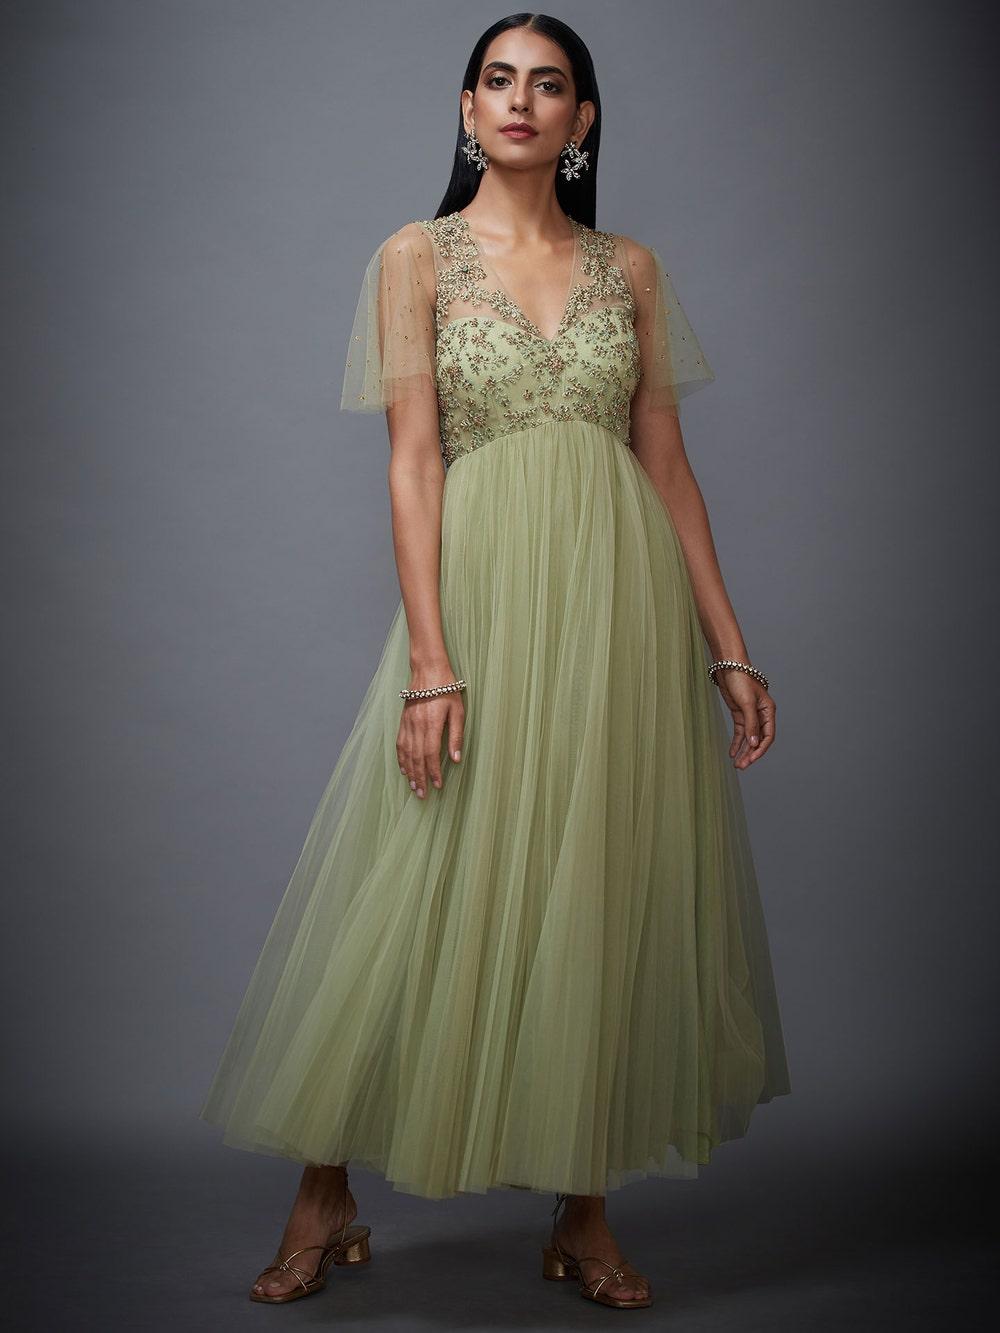 Mint Green Begum Net Dress